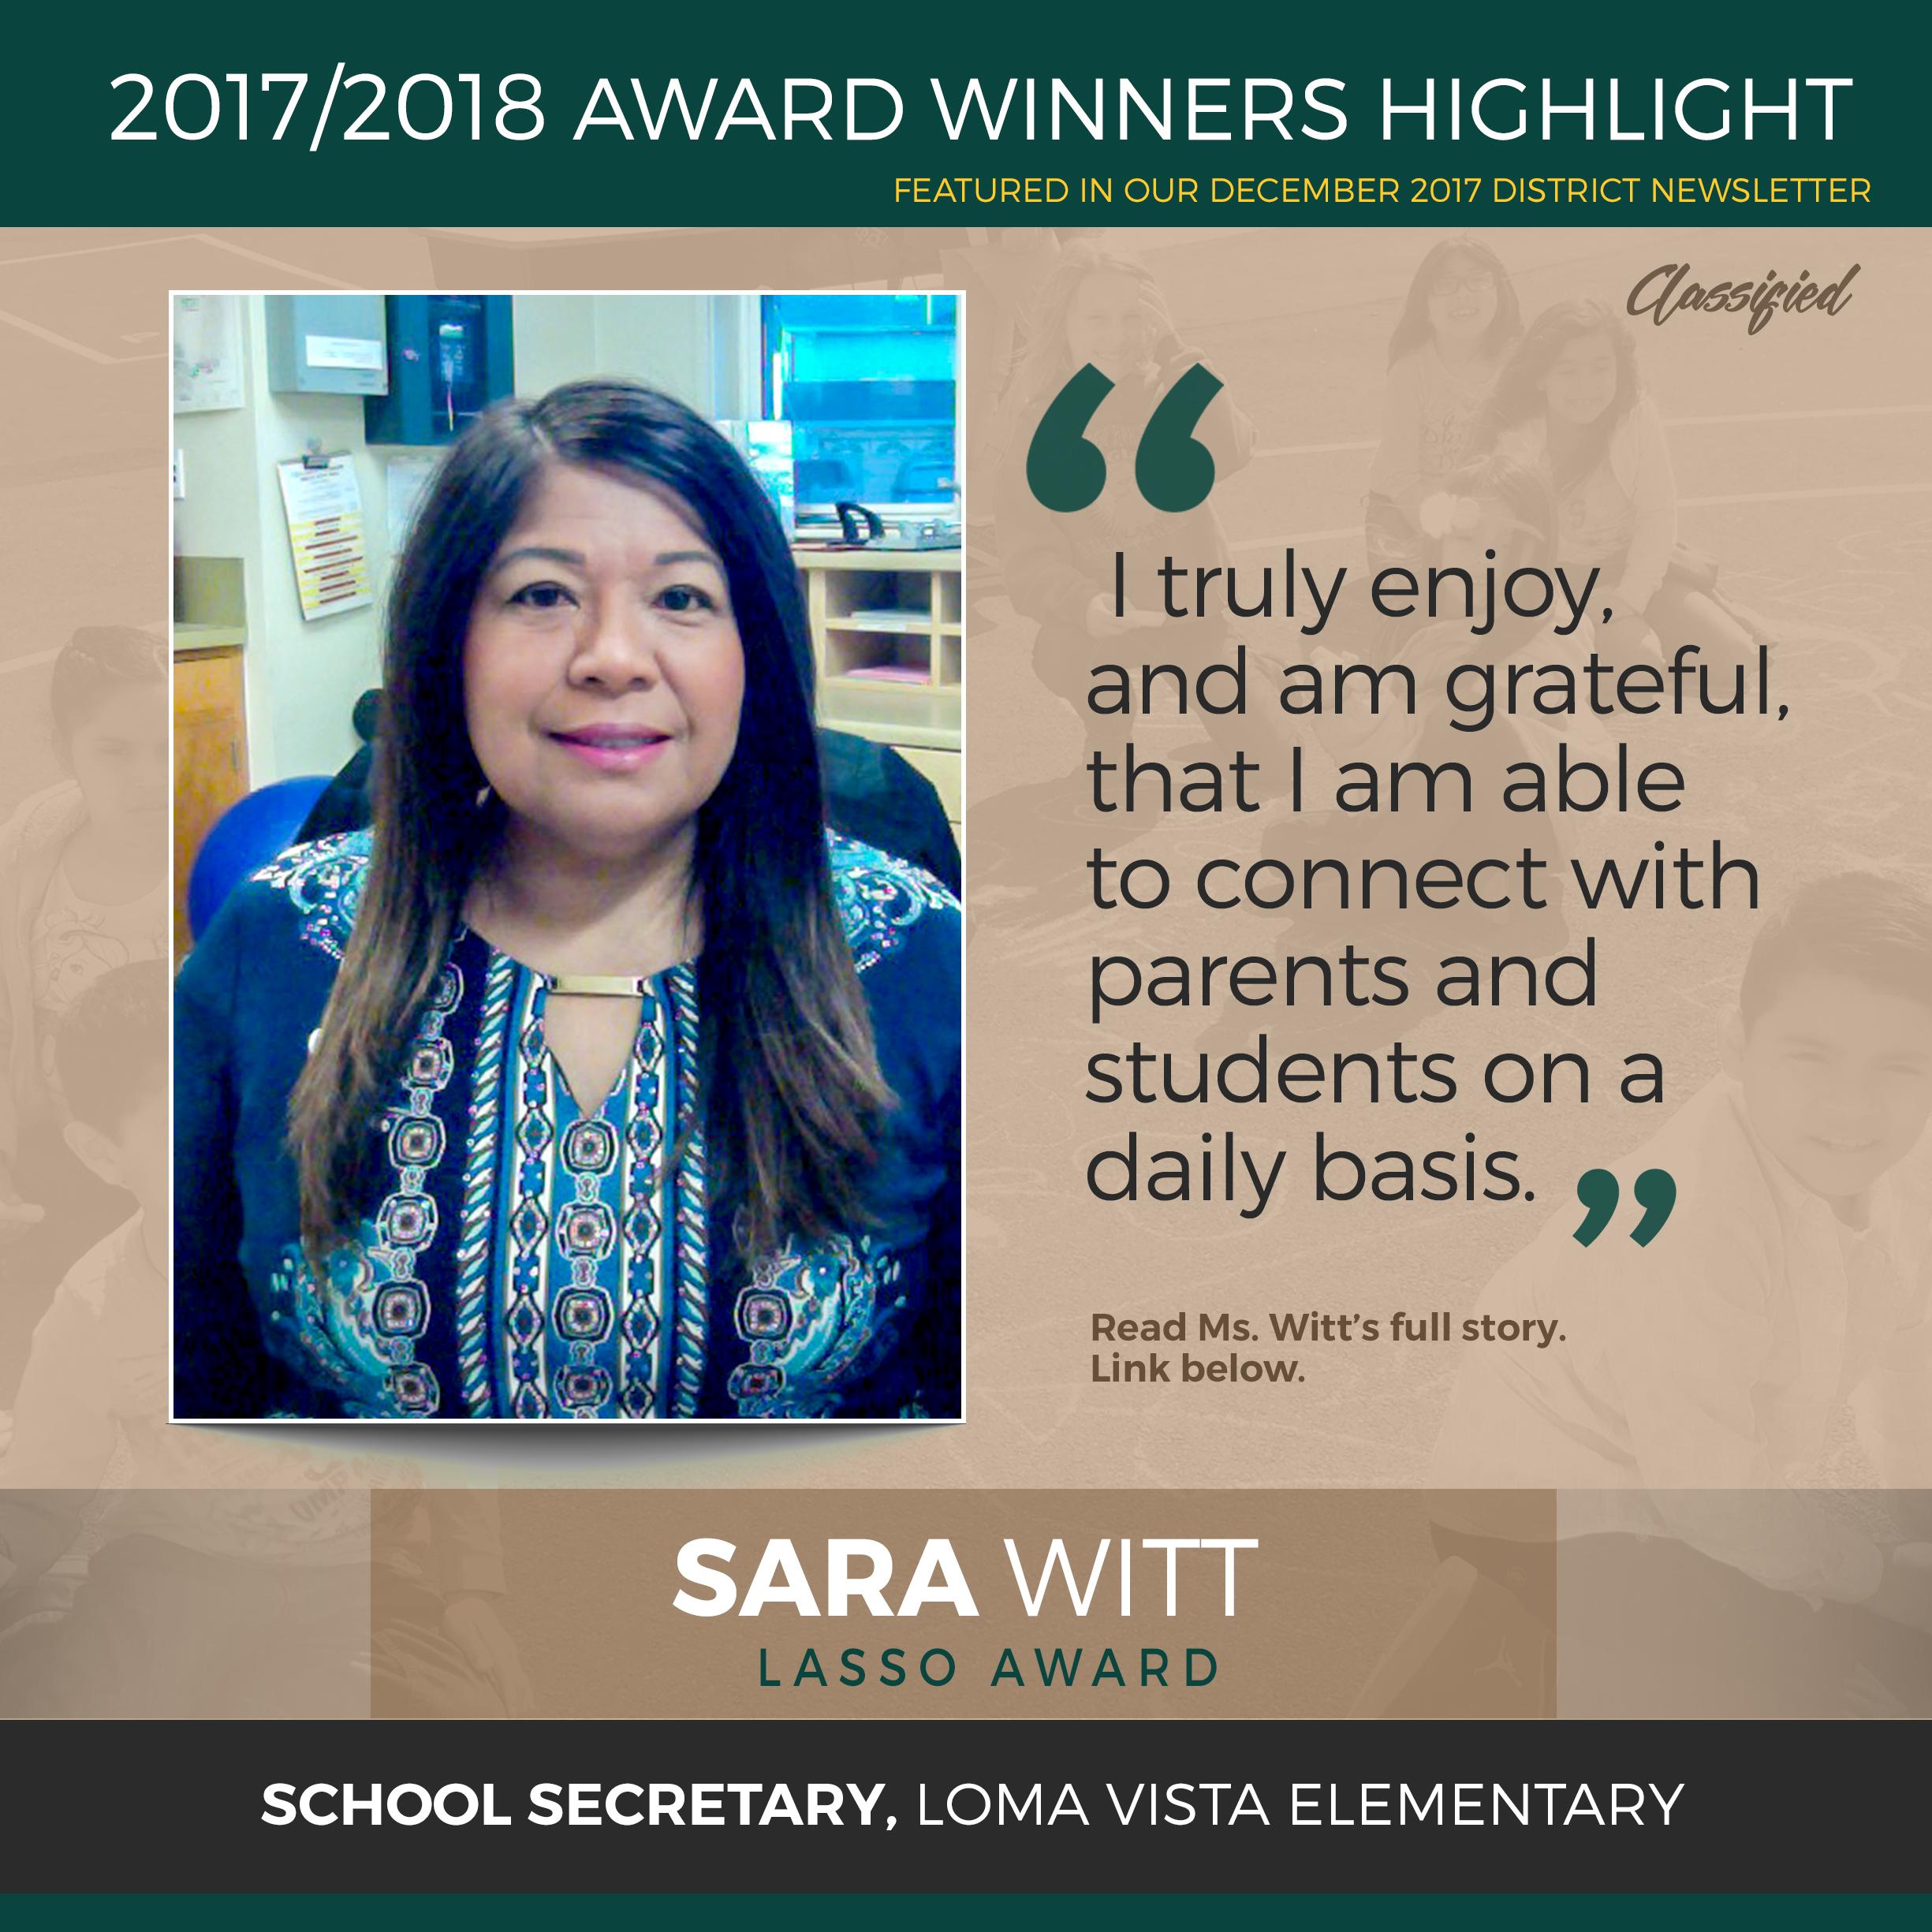 Sara-Award Winner Hightlight_Social Ad Template.jpg